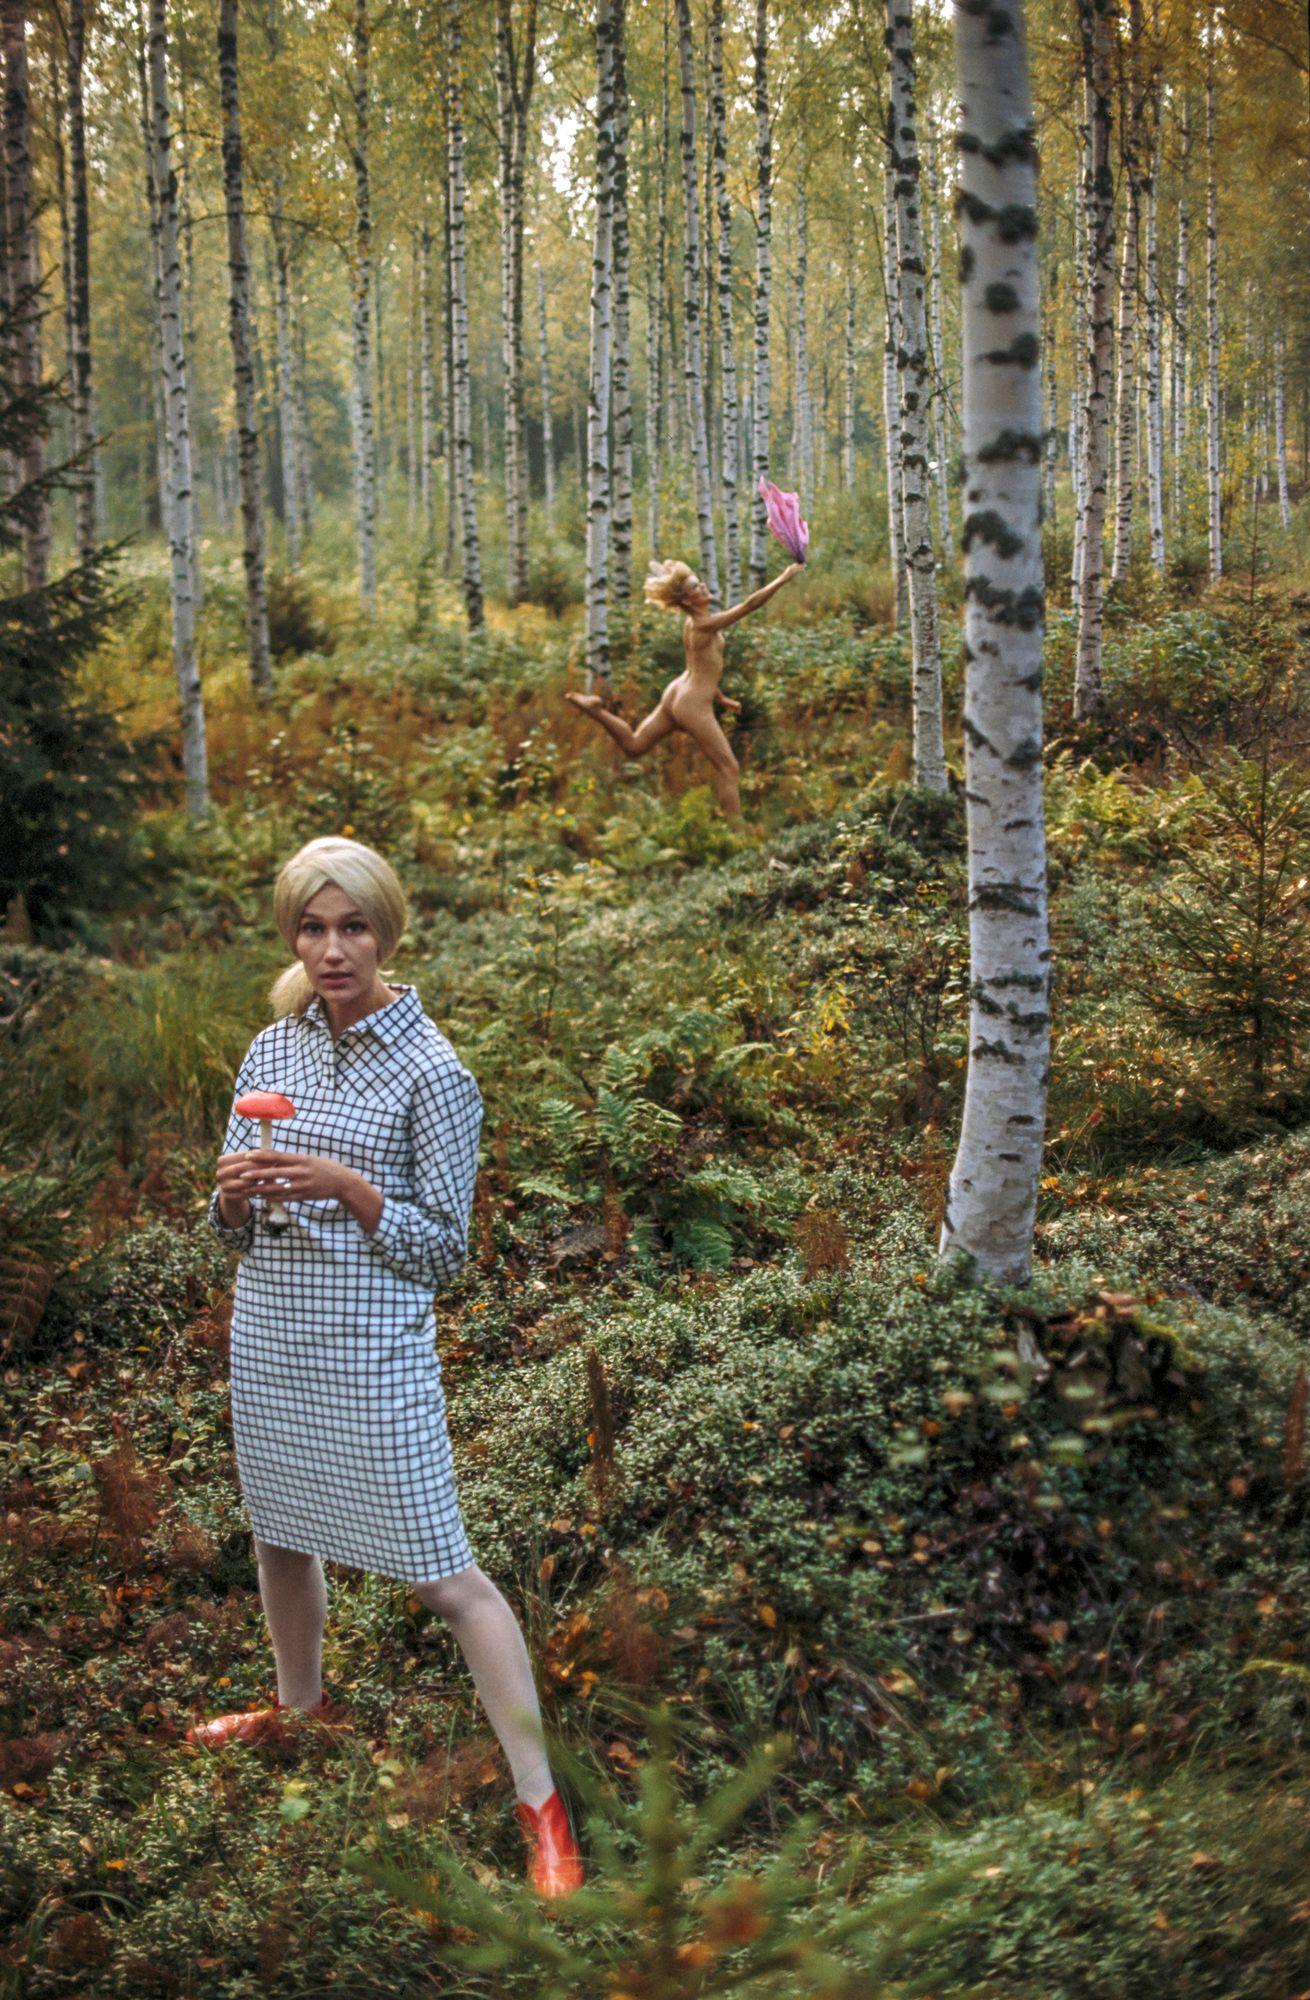 Nostalgiaa Marimekko-metsässä. Kuva Anjasta on Tonyn suosikki omien muotikuviensa joukosta. © Tony Vaccaro